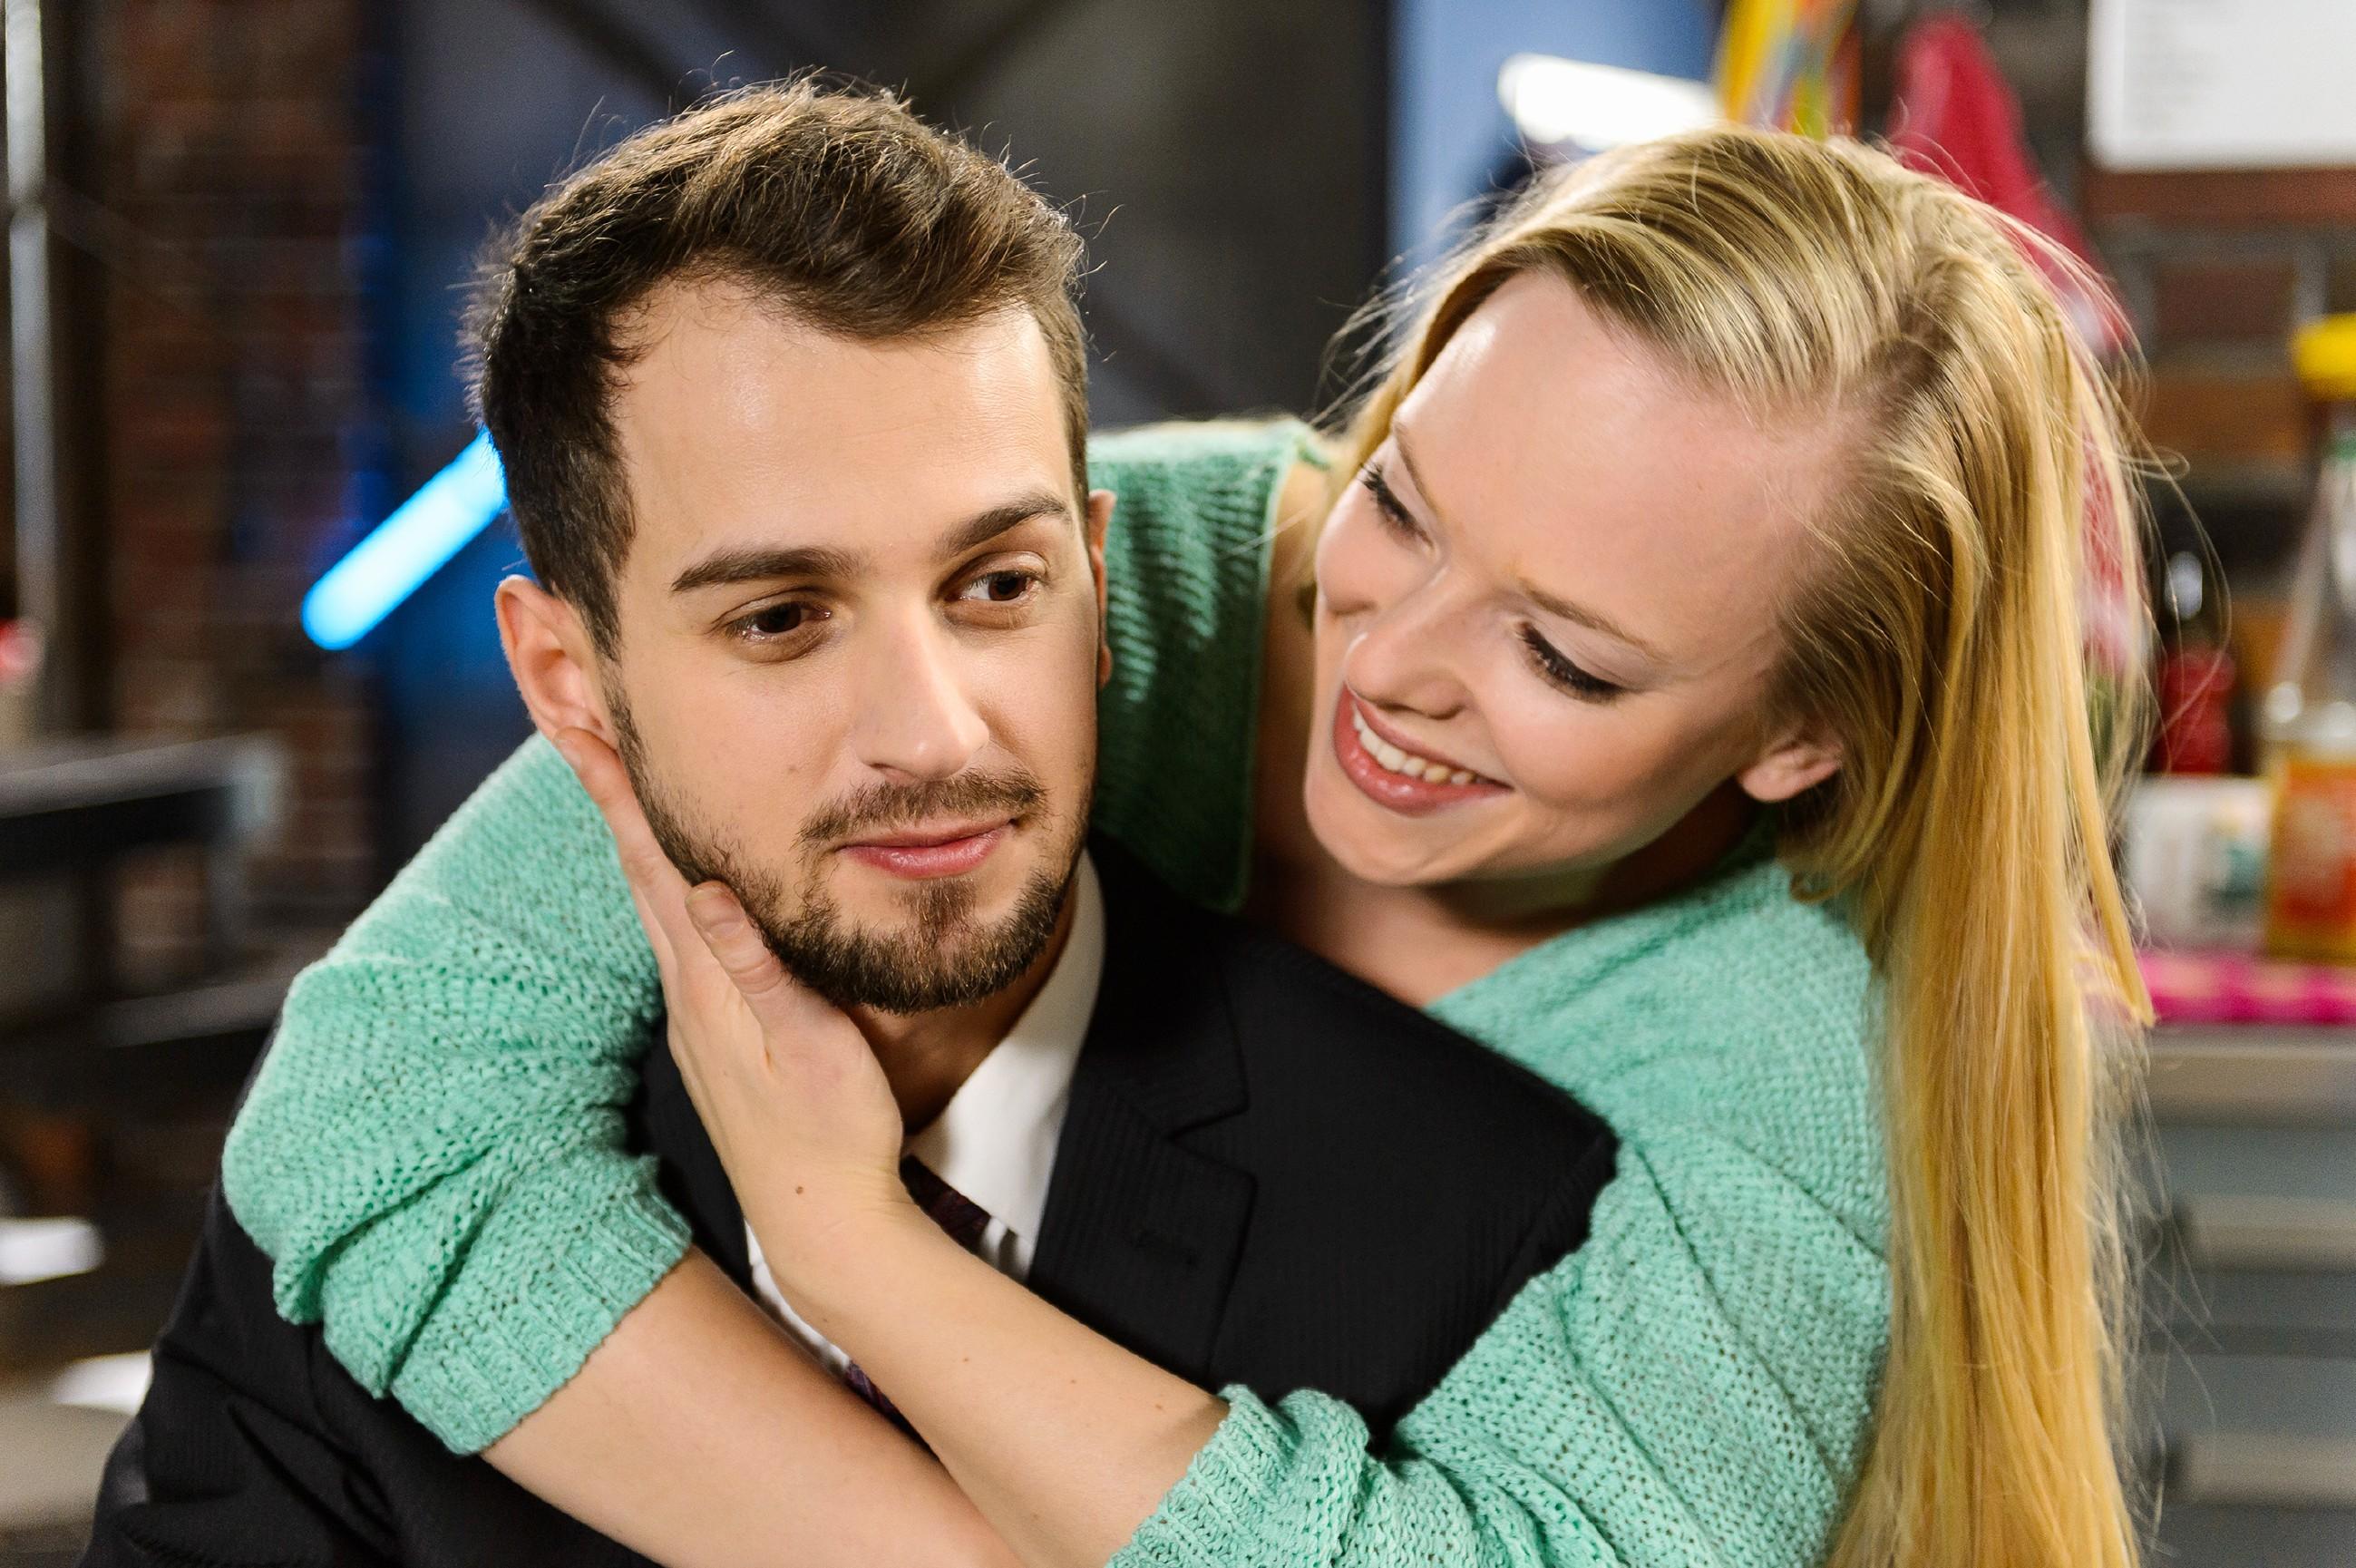 Marie (Judith Neumann) erkennt im Beisein von Tobi (Michael Jassin), wie sehr sie im Falle einer Auswanderung ihre Freunde und Familie vermissen würde. (Quelle: RTL / Willi Weber)